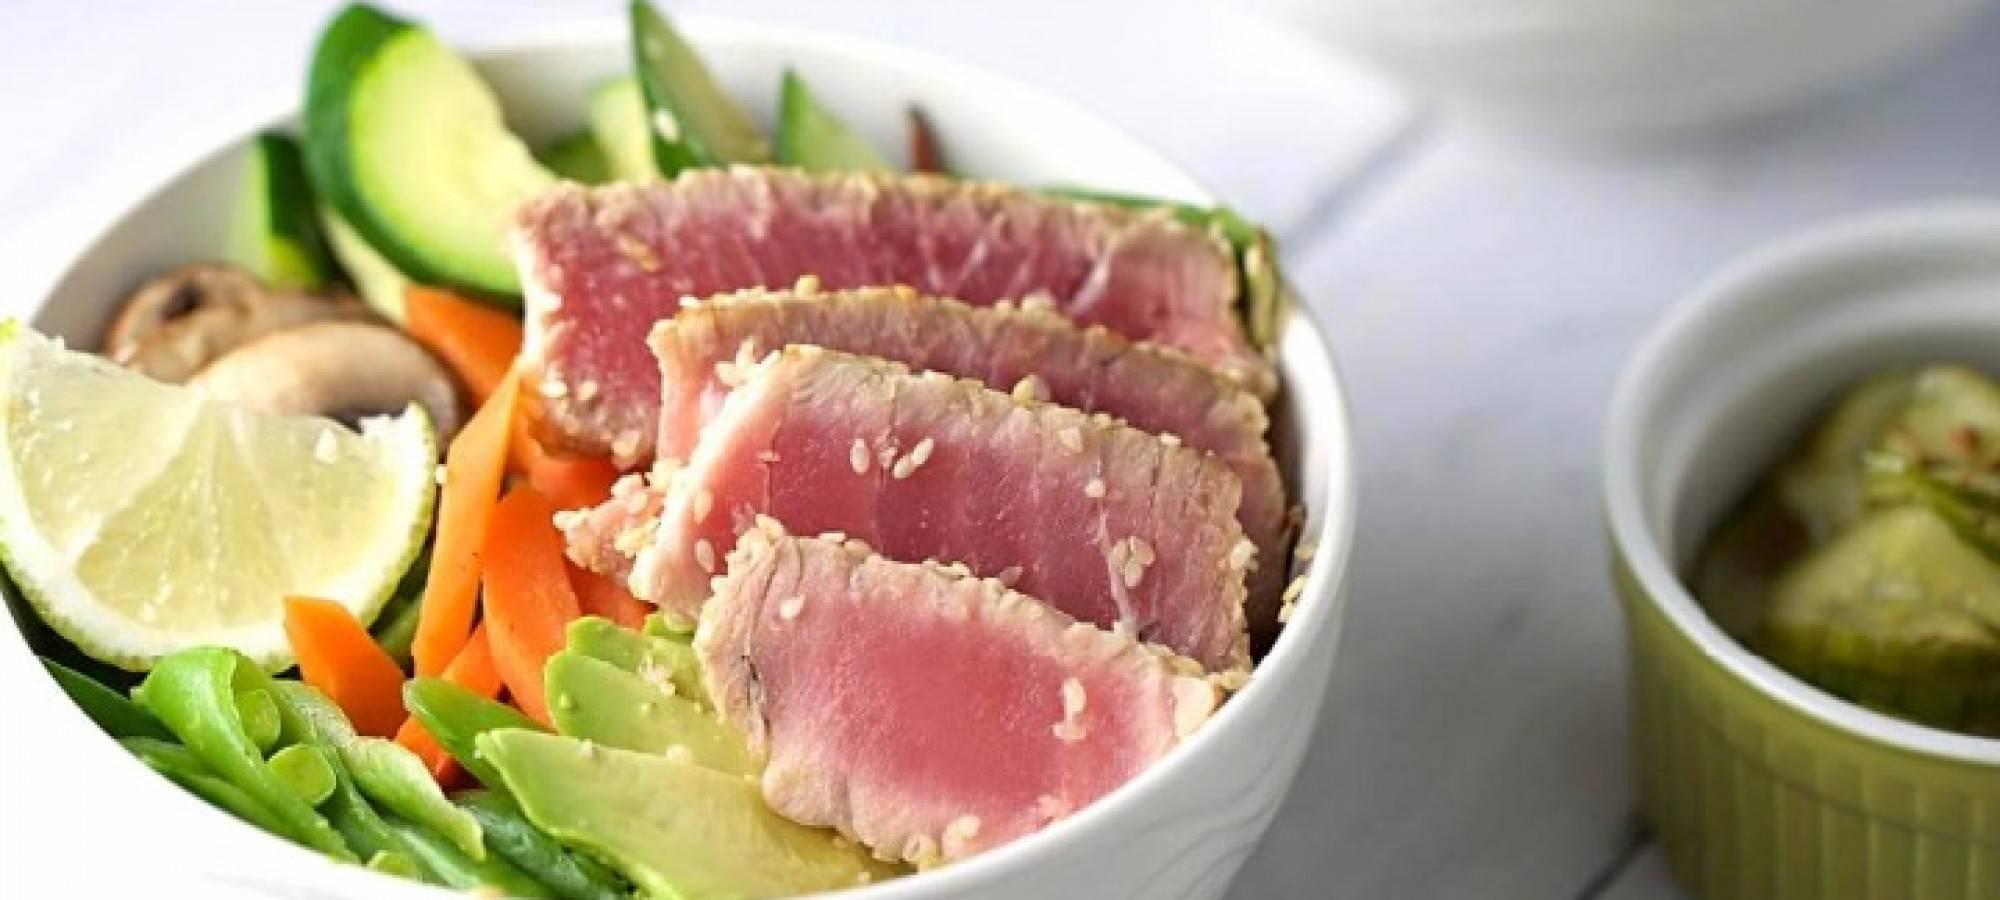 Сырой тунец: можно ли его безопасно есть? | пища это лекарство